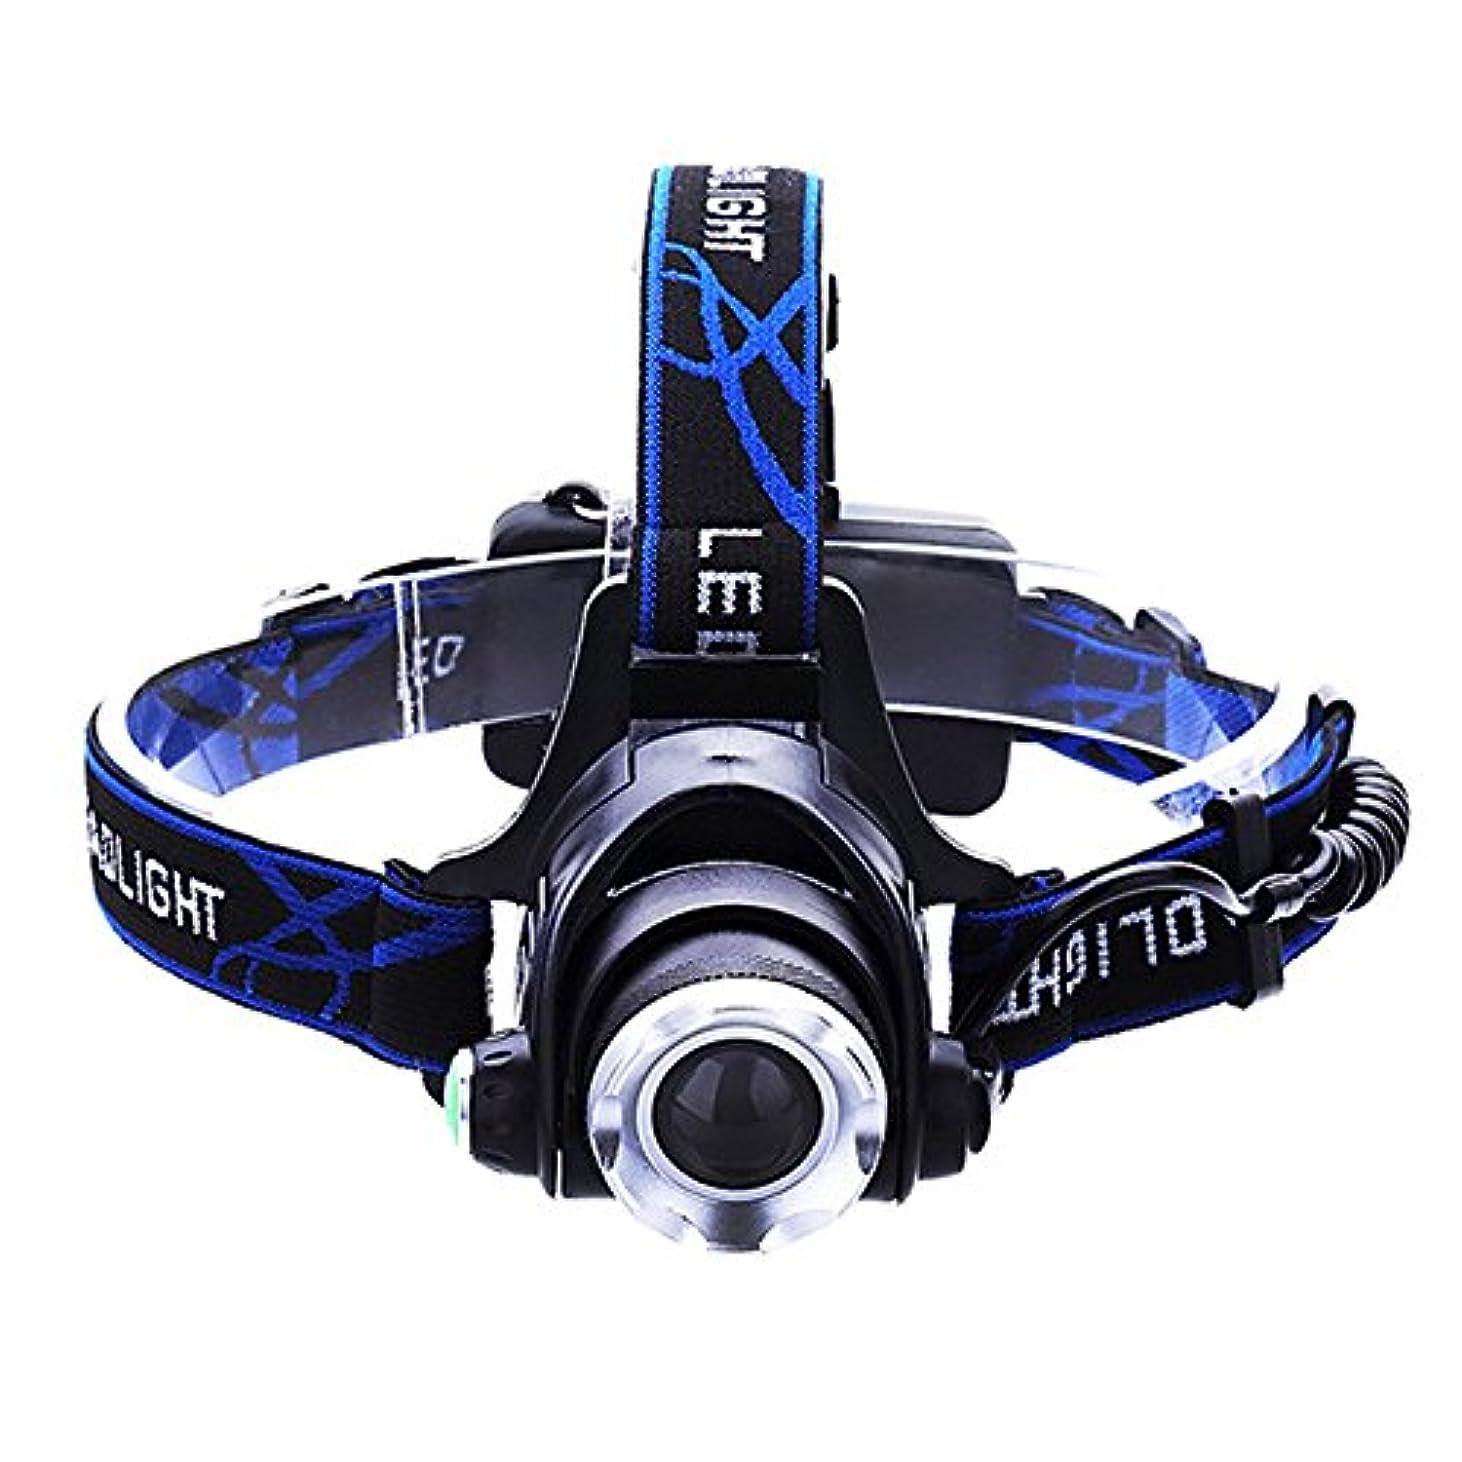 ぞっとするような懸念強化するLEDライト調節可能なヘッドライト充電式誘導ヘッドマウント懐中電灯超明るい夜の釣り釣りランプ